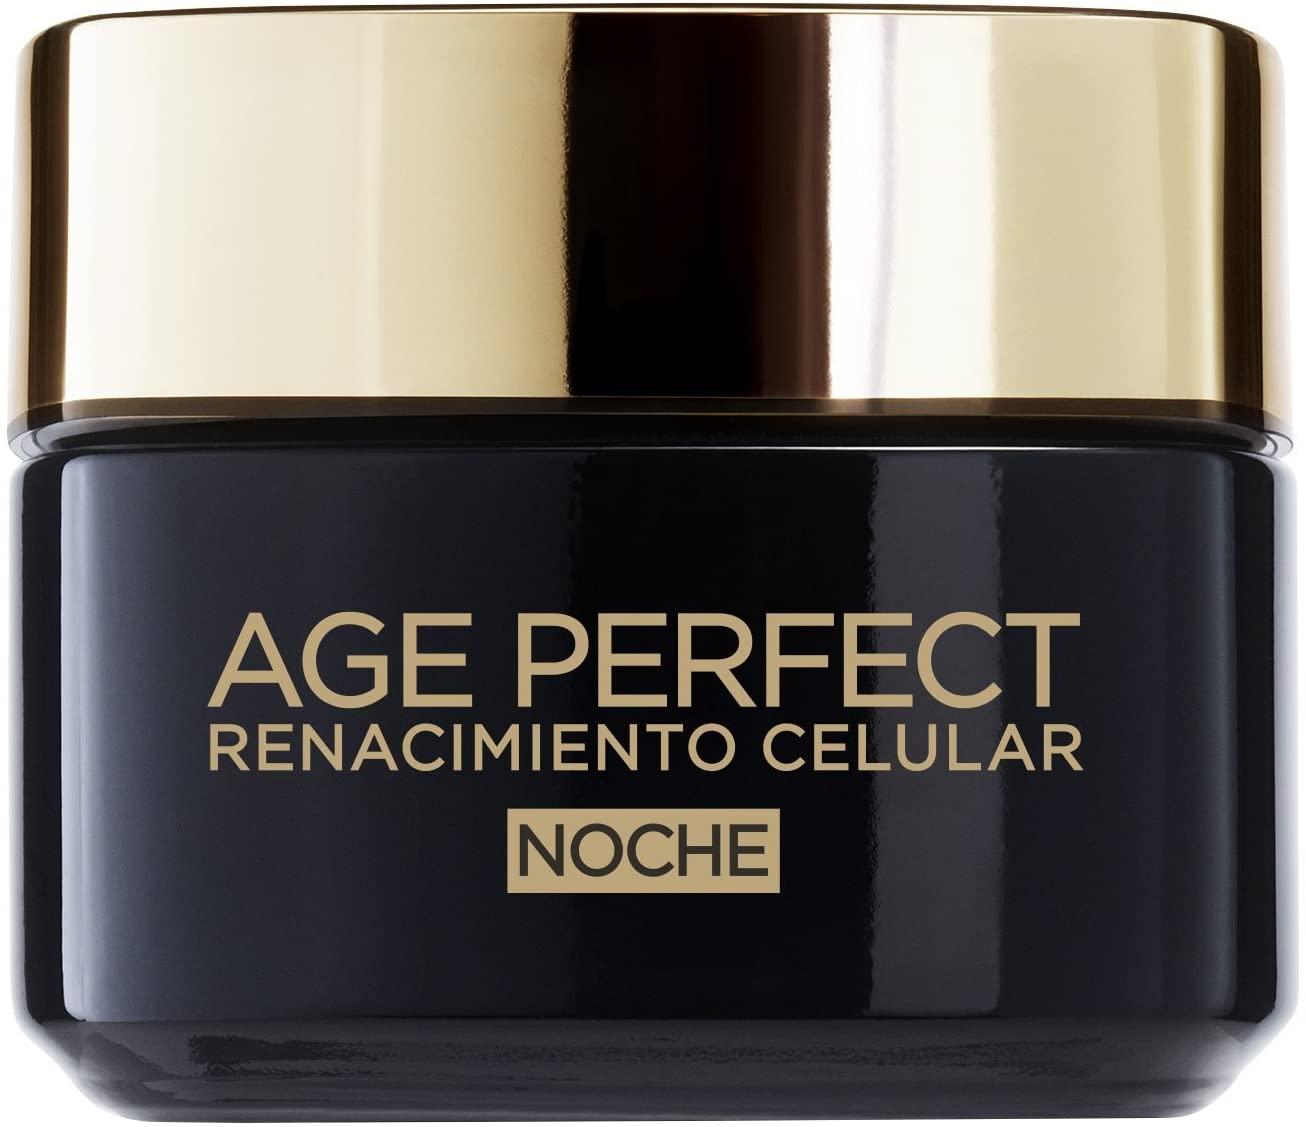 Age Perfect: Renacimiento Celular Noche (L'Oréal Paris)